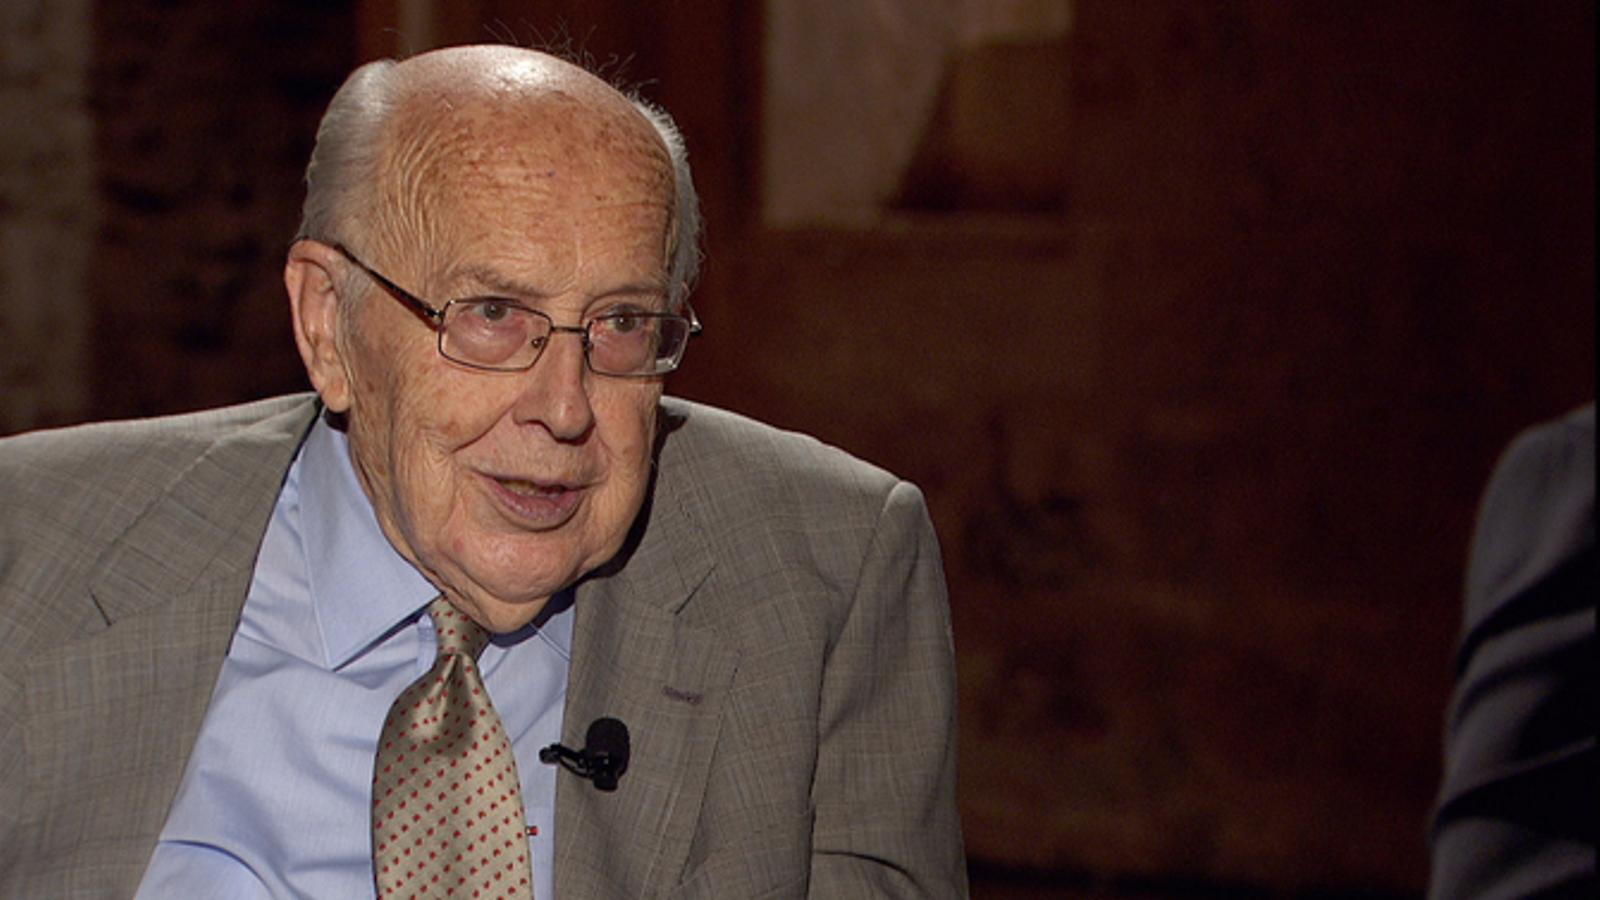 L'historiador Jordi Nadal al programa (S)avis de TV3